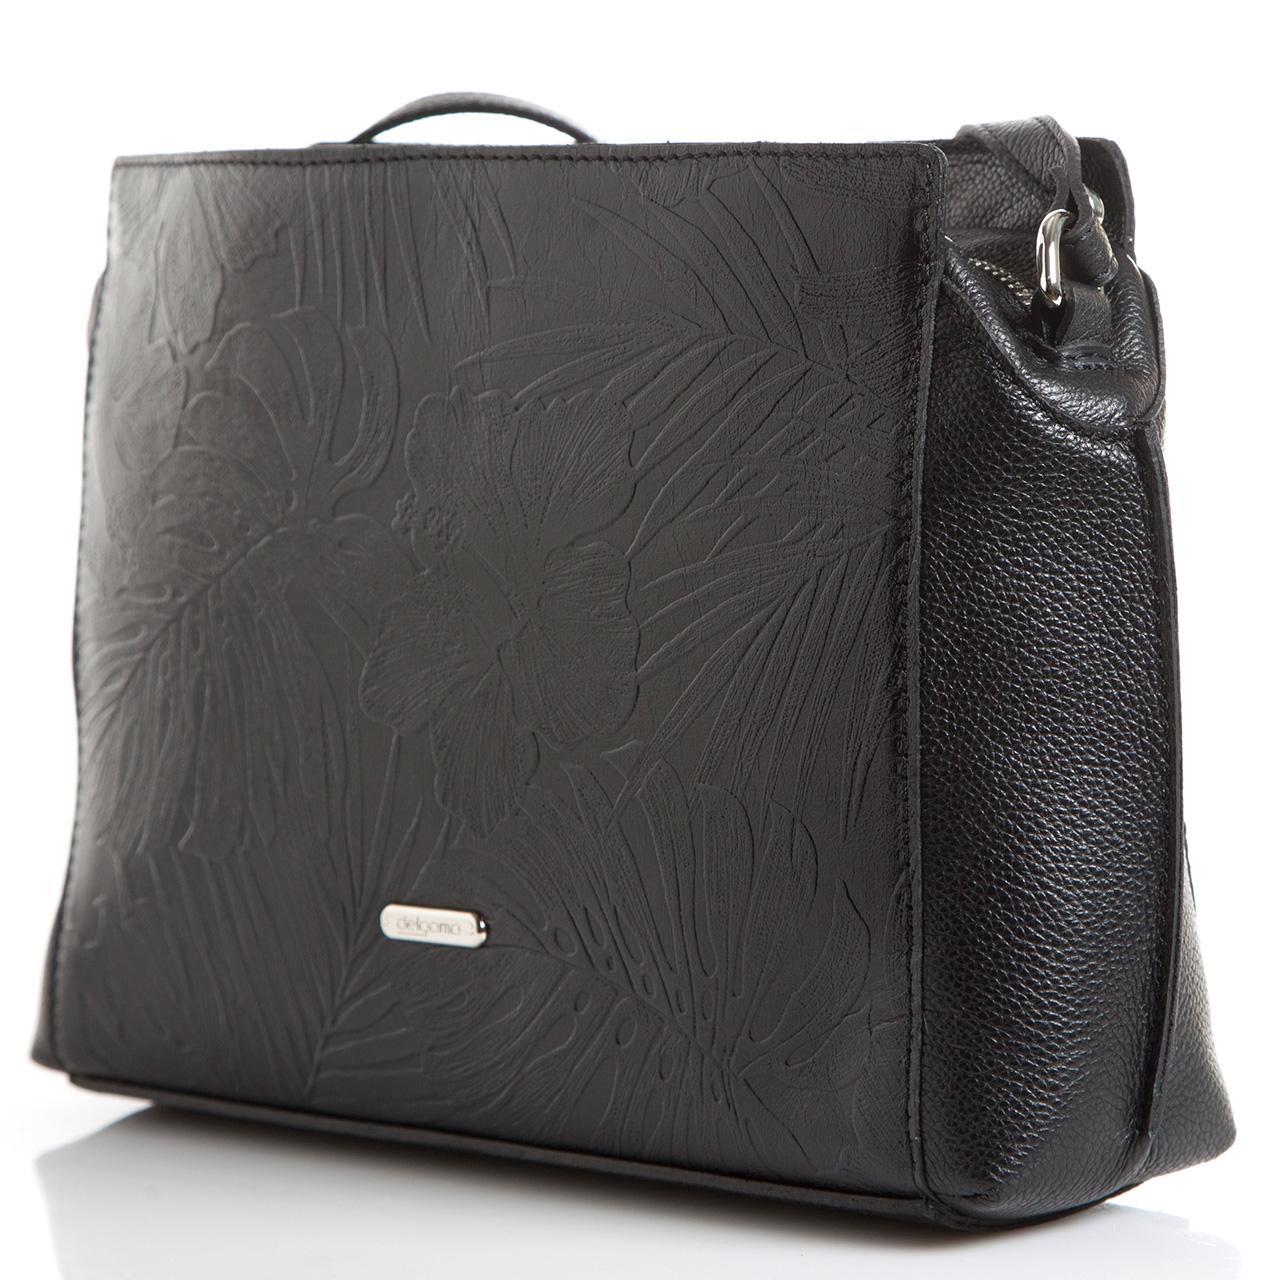 42f6fbd2d Кожаные сумки купить в интернет-магазине Домани (Domani)